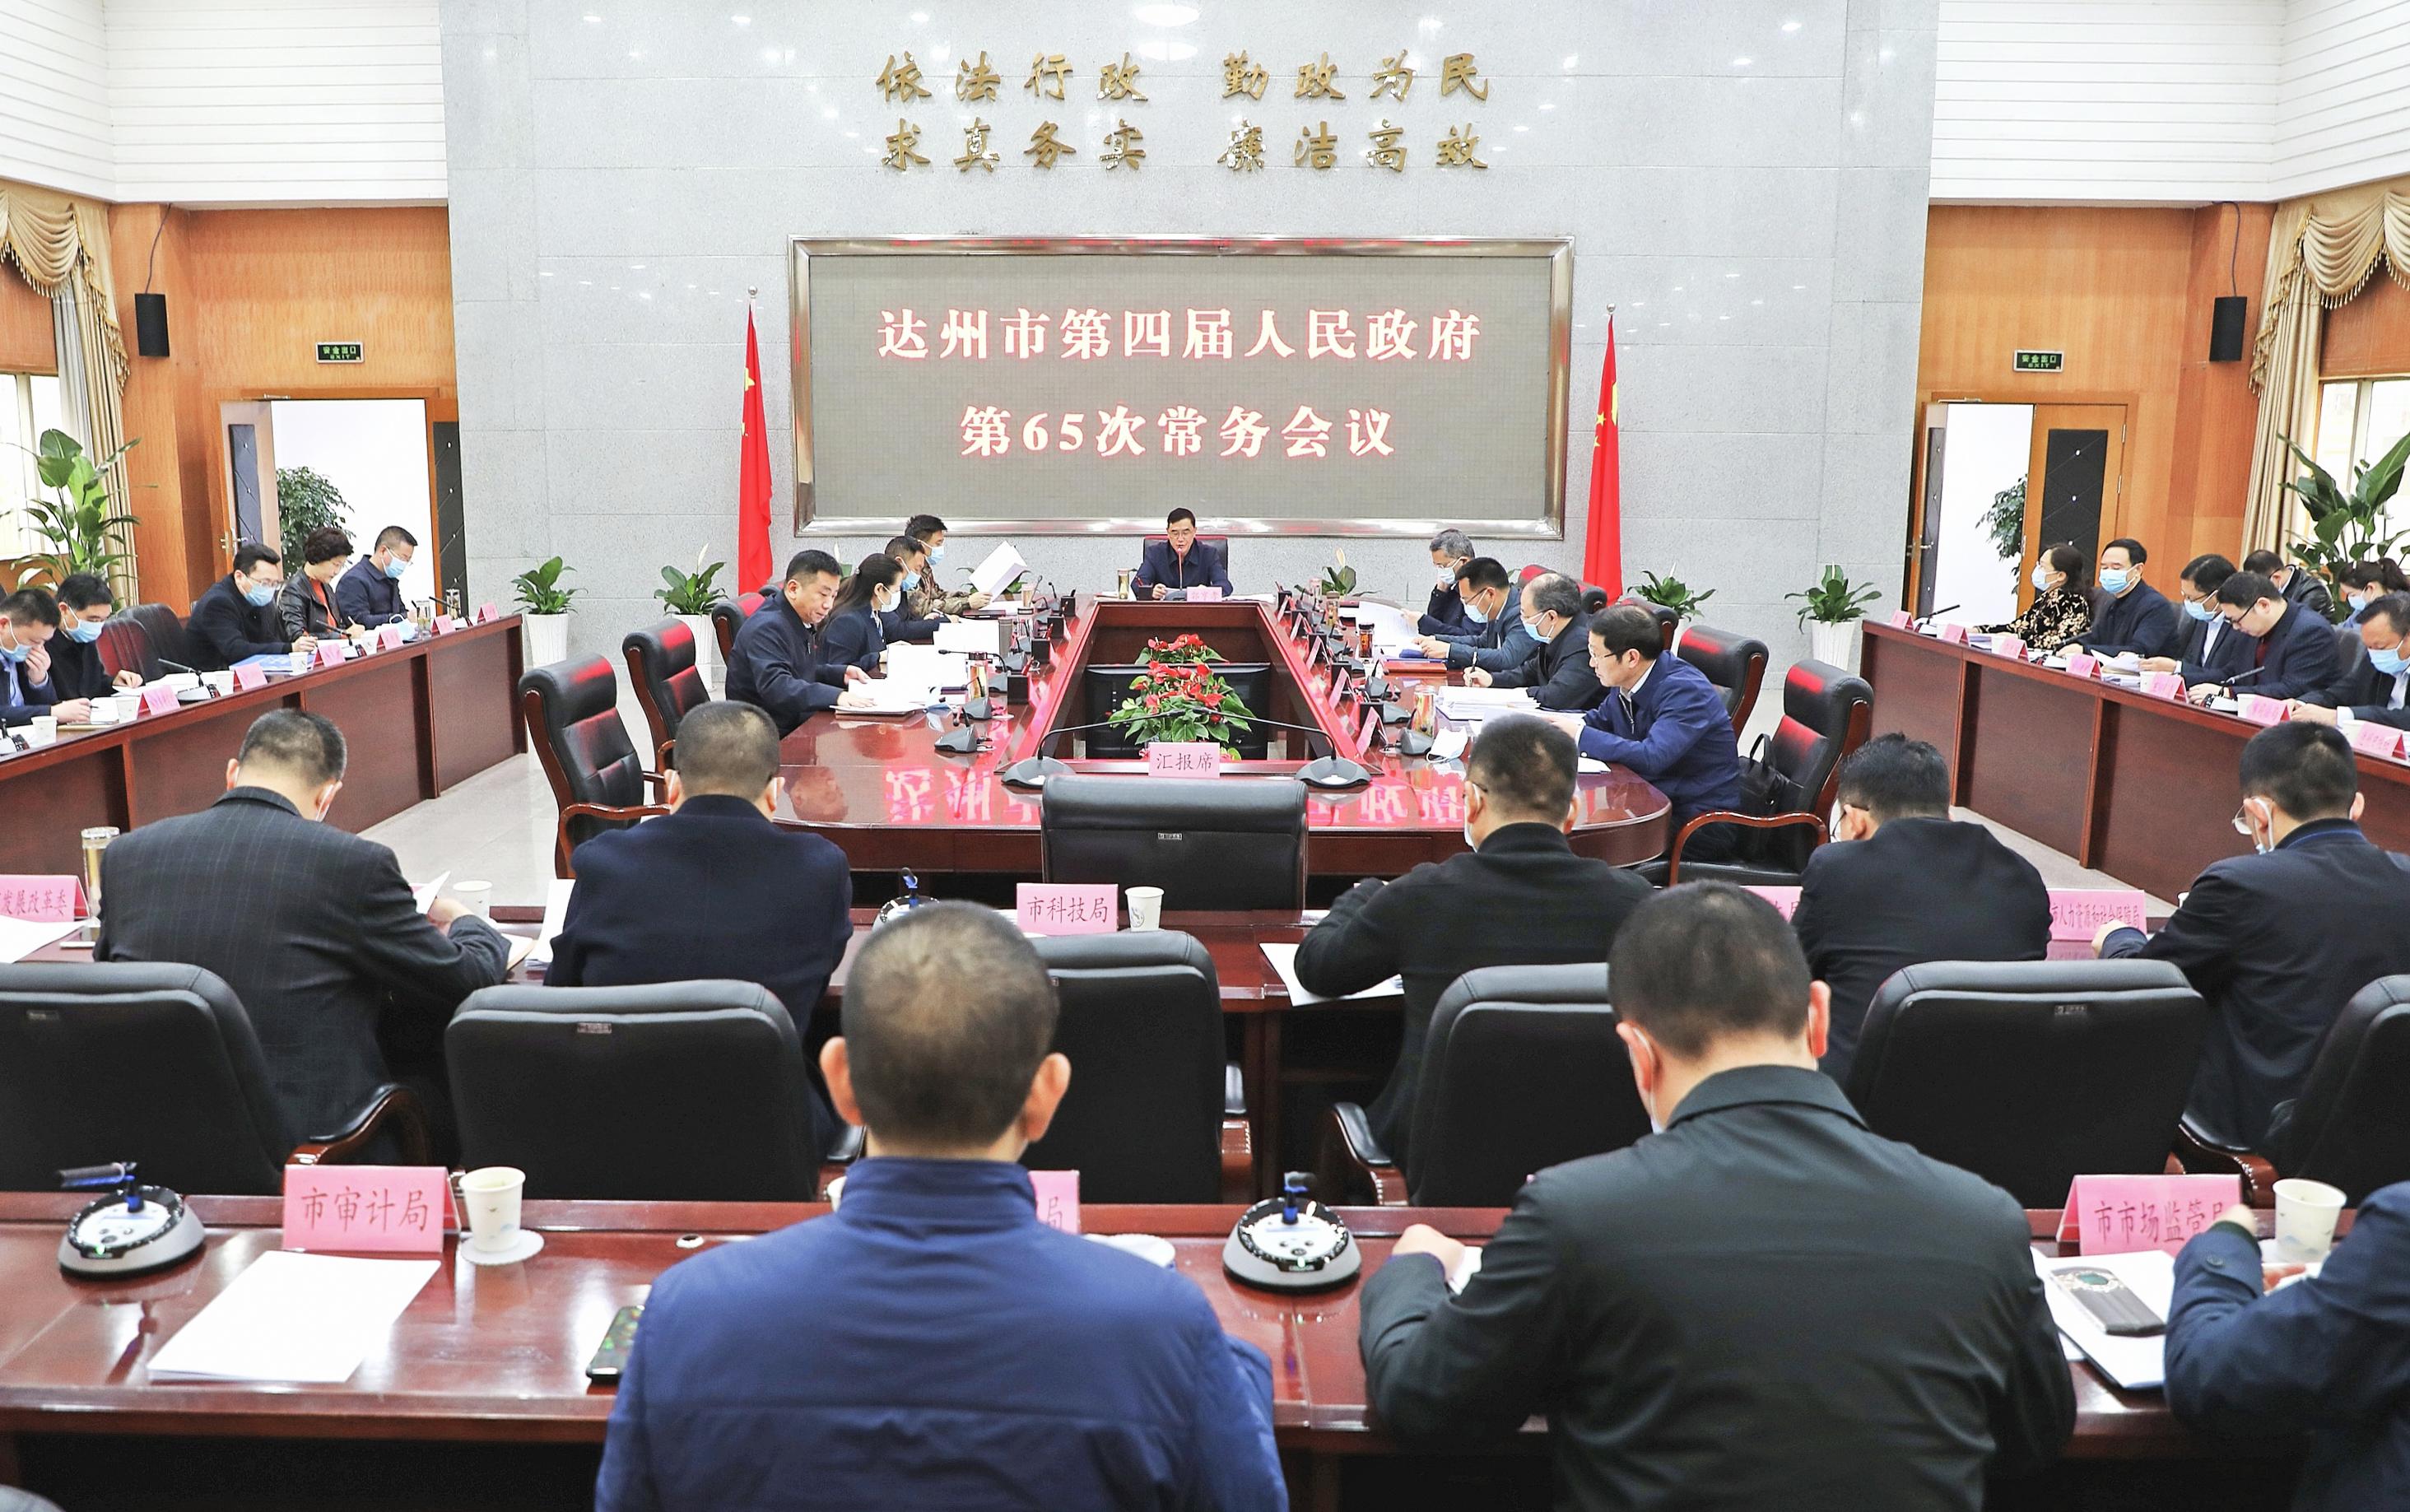 郭亨孝主持召开常务会,研究审议了秦巴金融中心发展规划等议题